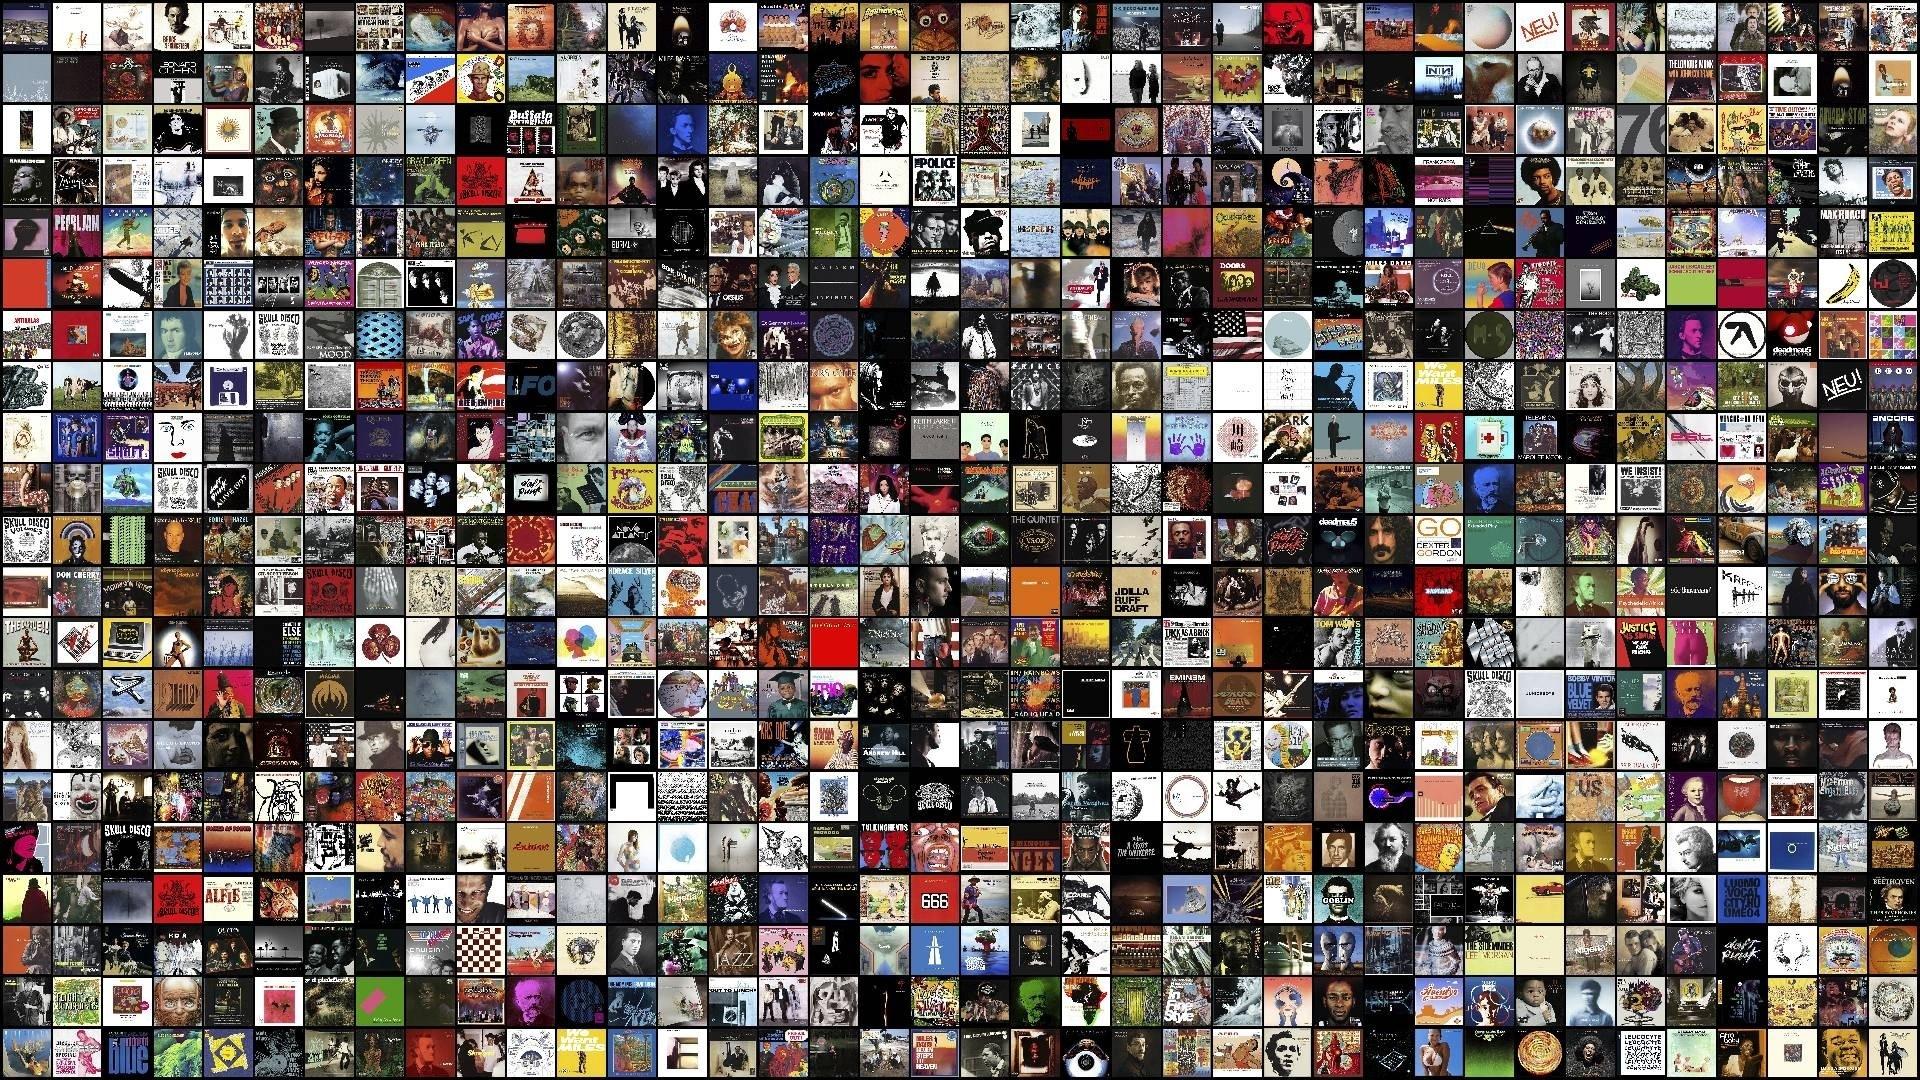 music album group dj bands wallpaper 1920x1080 29542